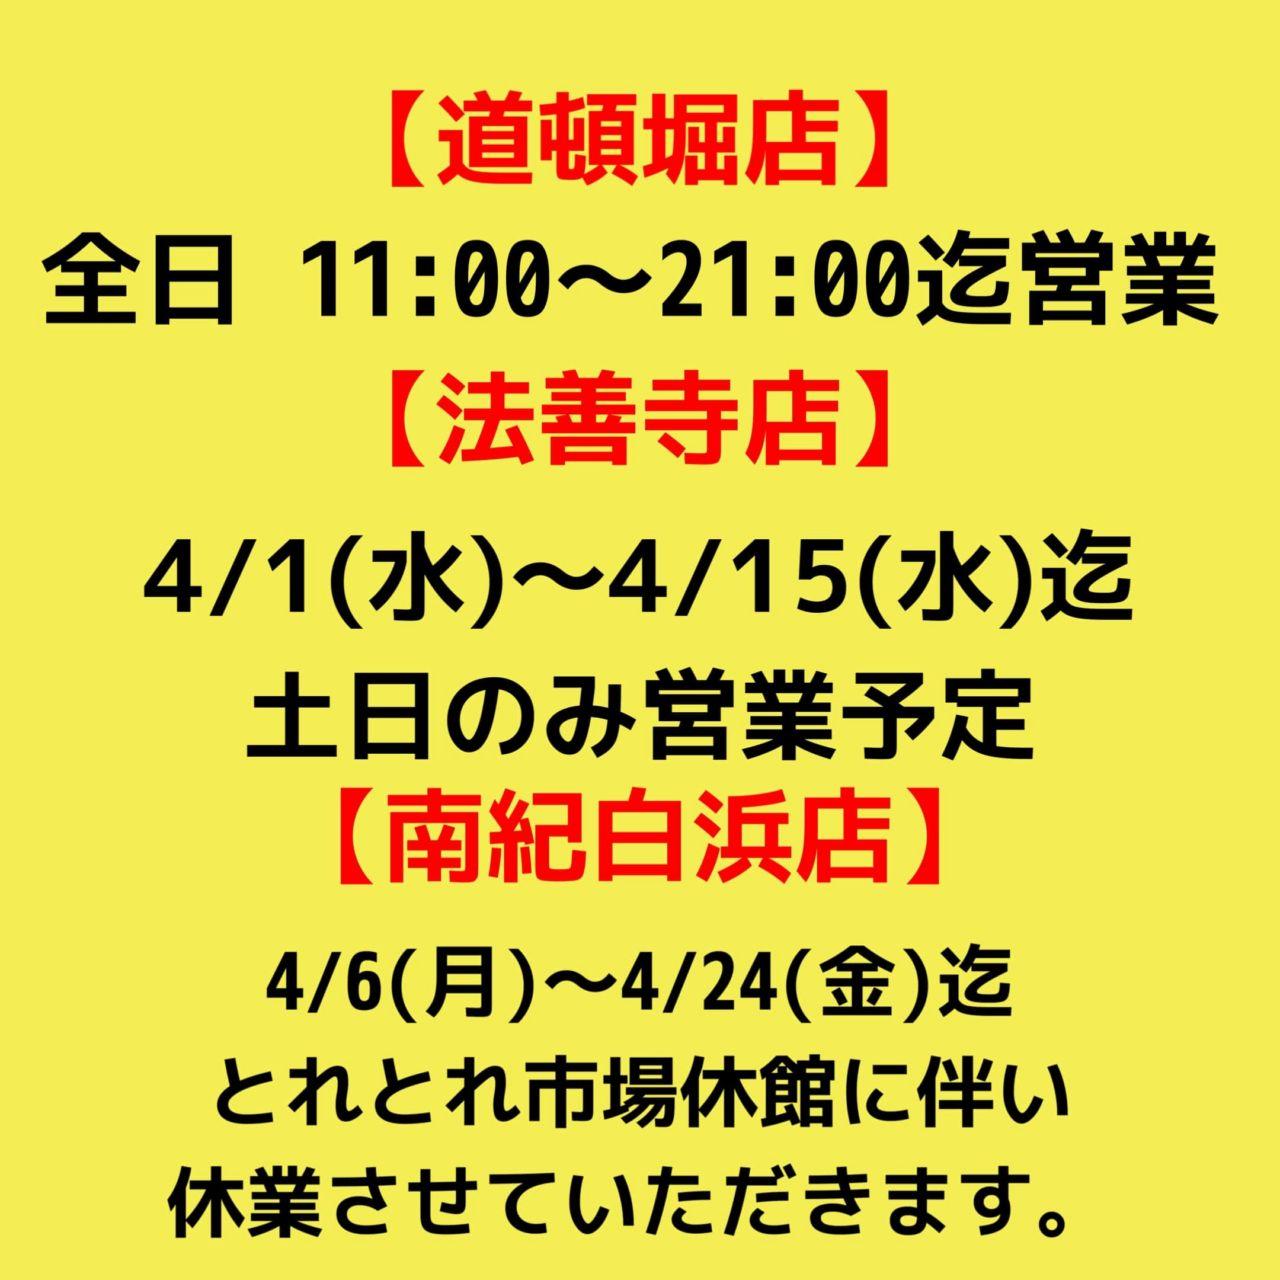 image0 (7)